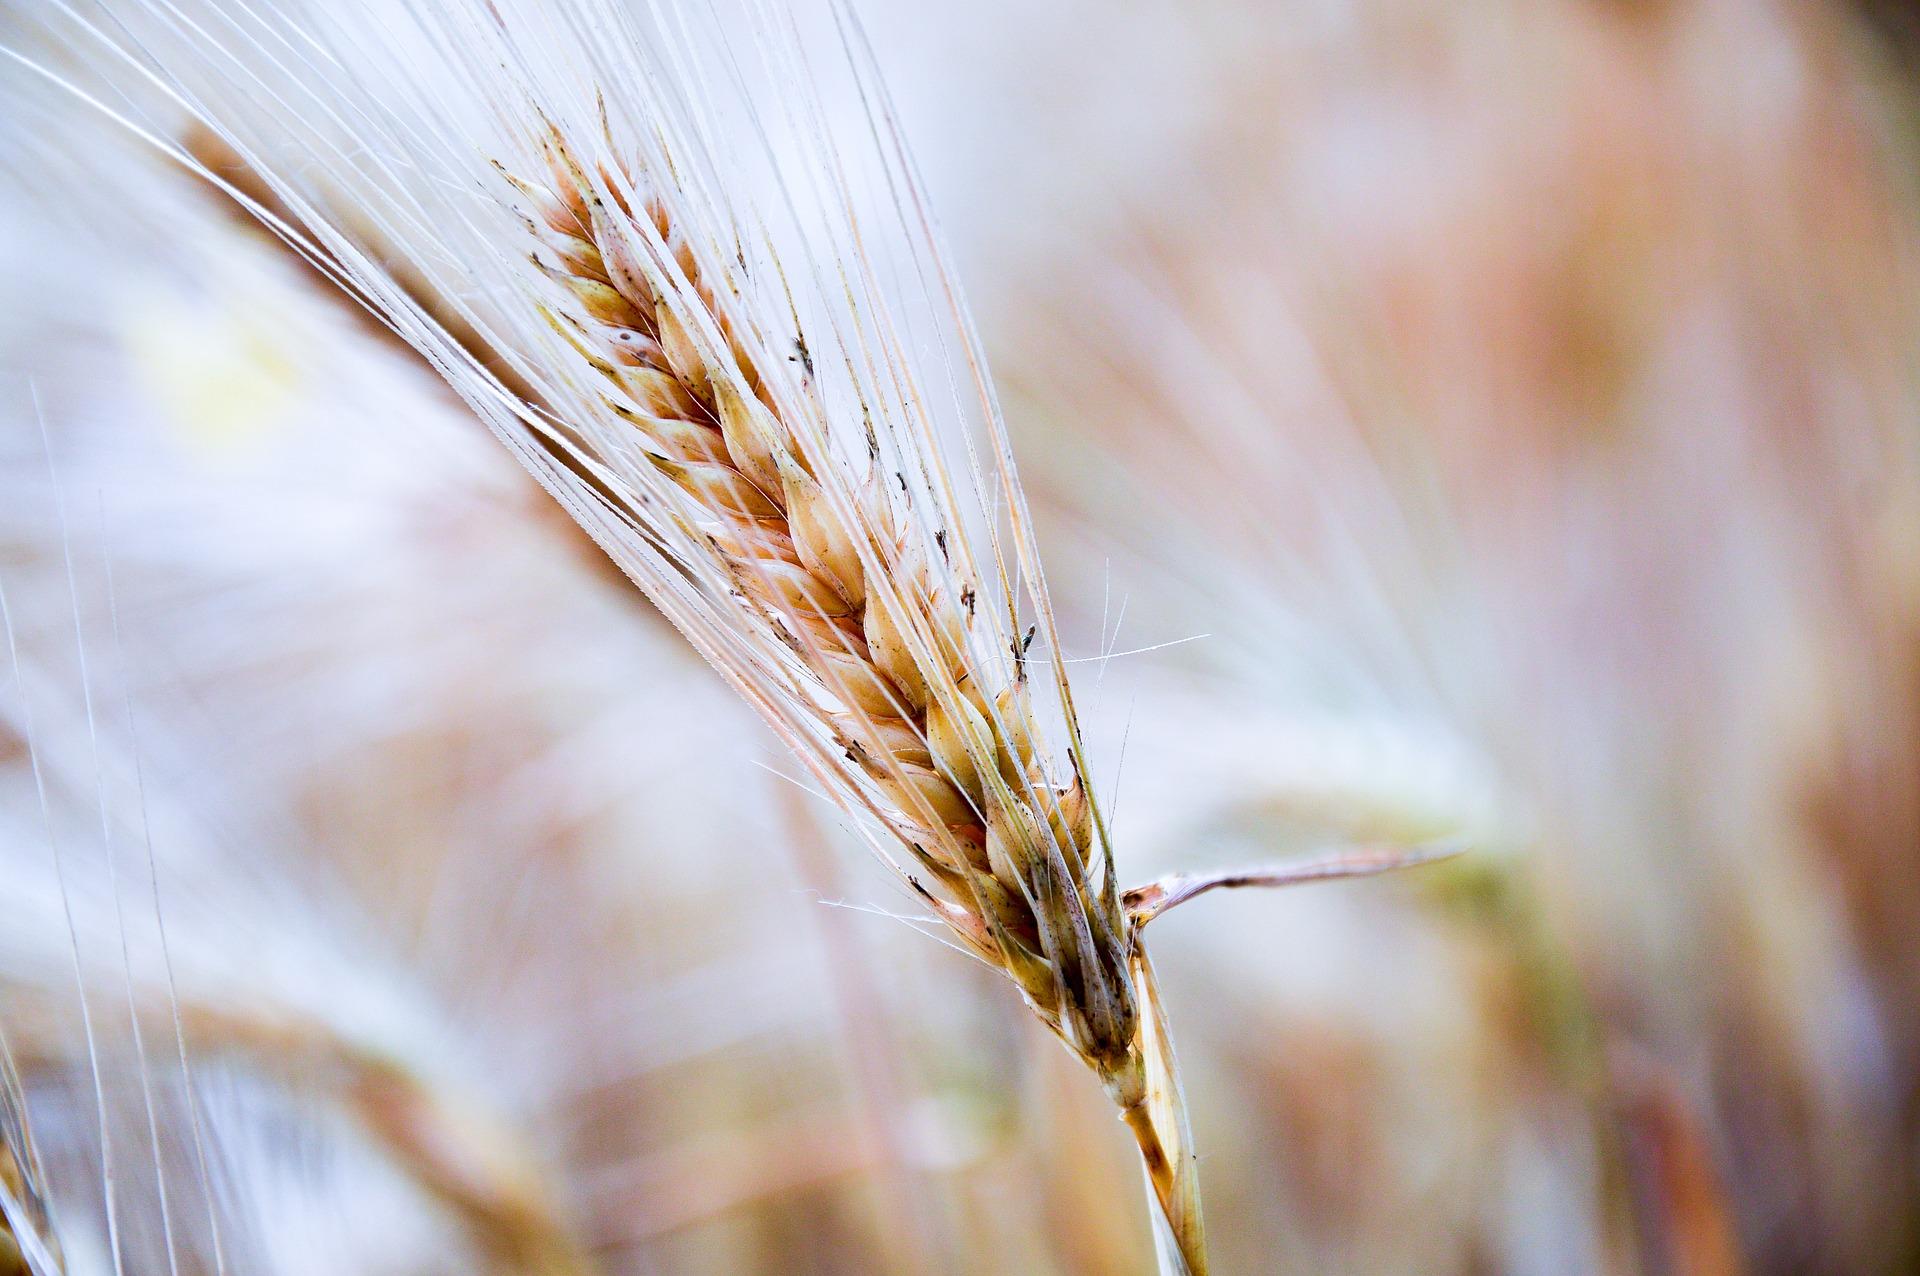 Kolejne kwartały przyniosą łagodny wzrost cen zbóż